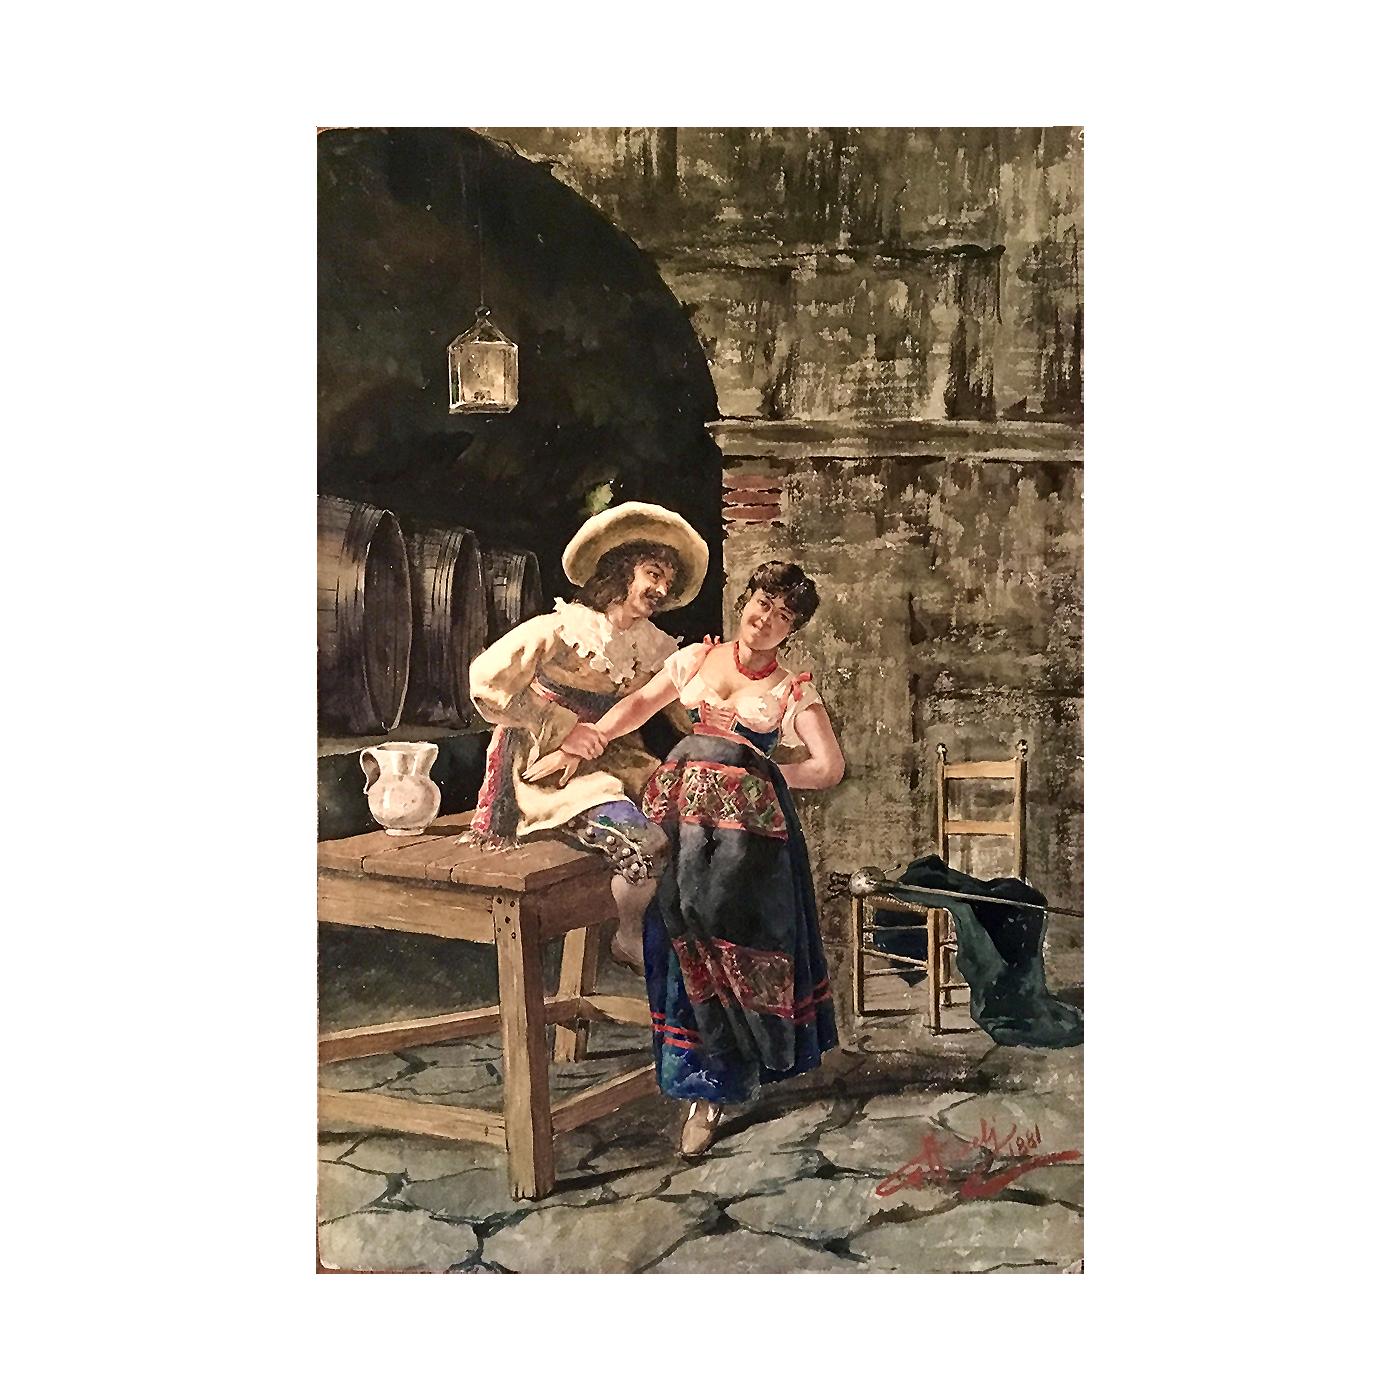 Giuseppe Aureli [1858-1929] Italian : Romance in the wine cellar, 1881.